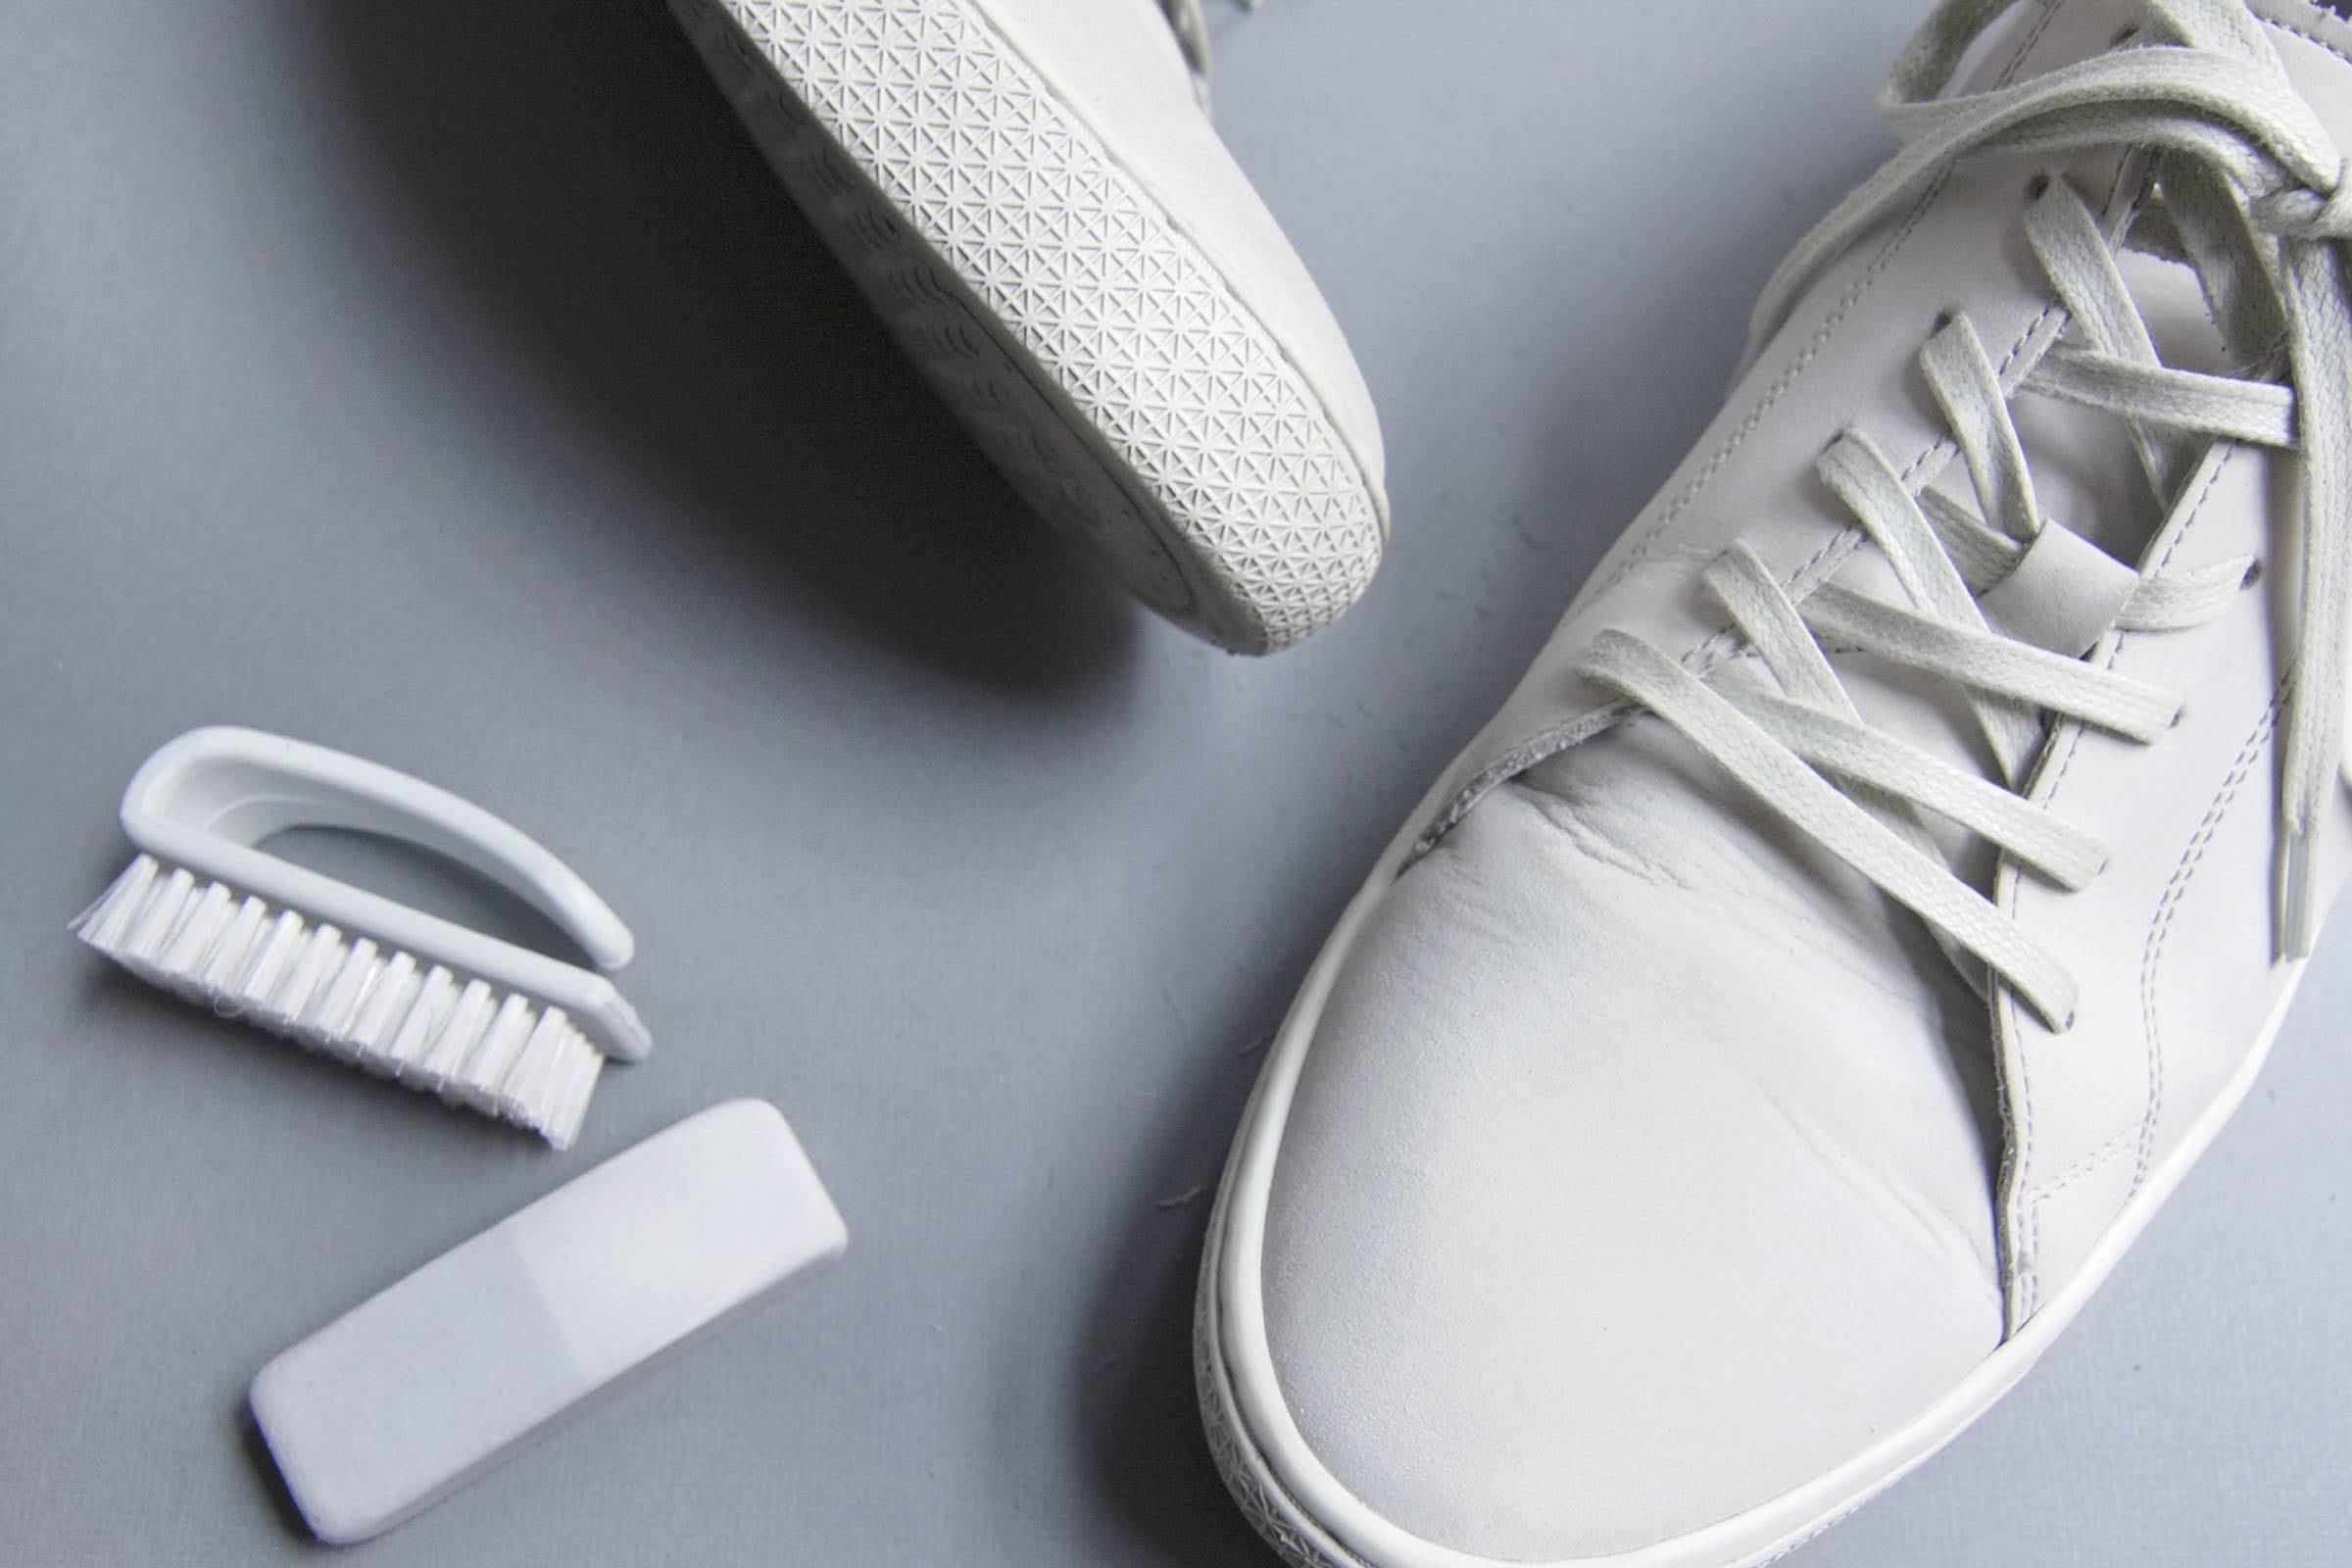 スニーカー 洗い方 ケア 方法 おすすめ how-to-clean-your-sneakers-wash-guide white